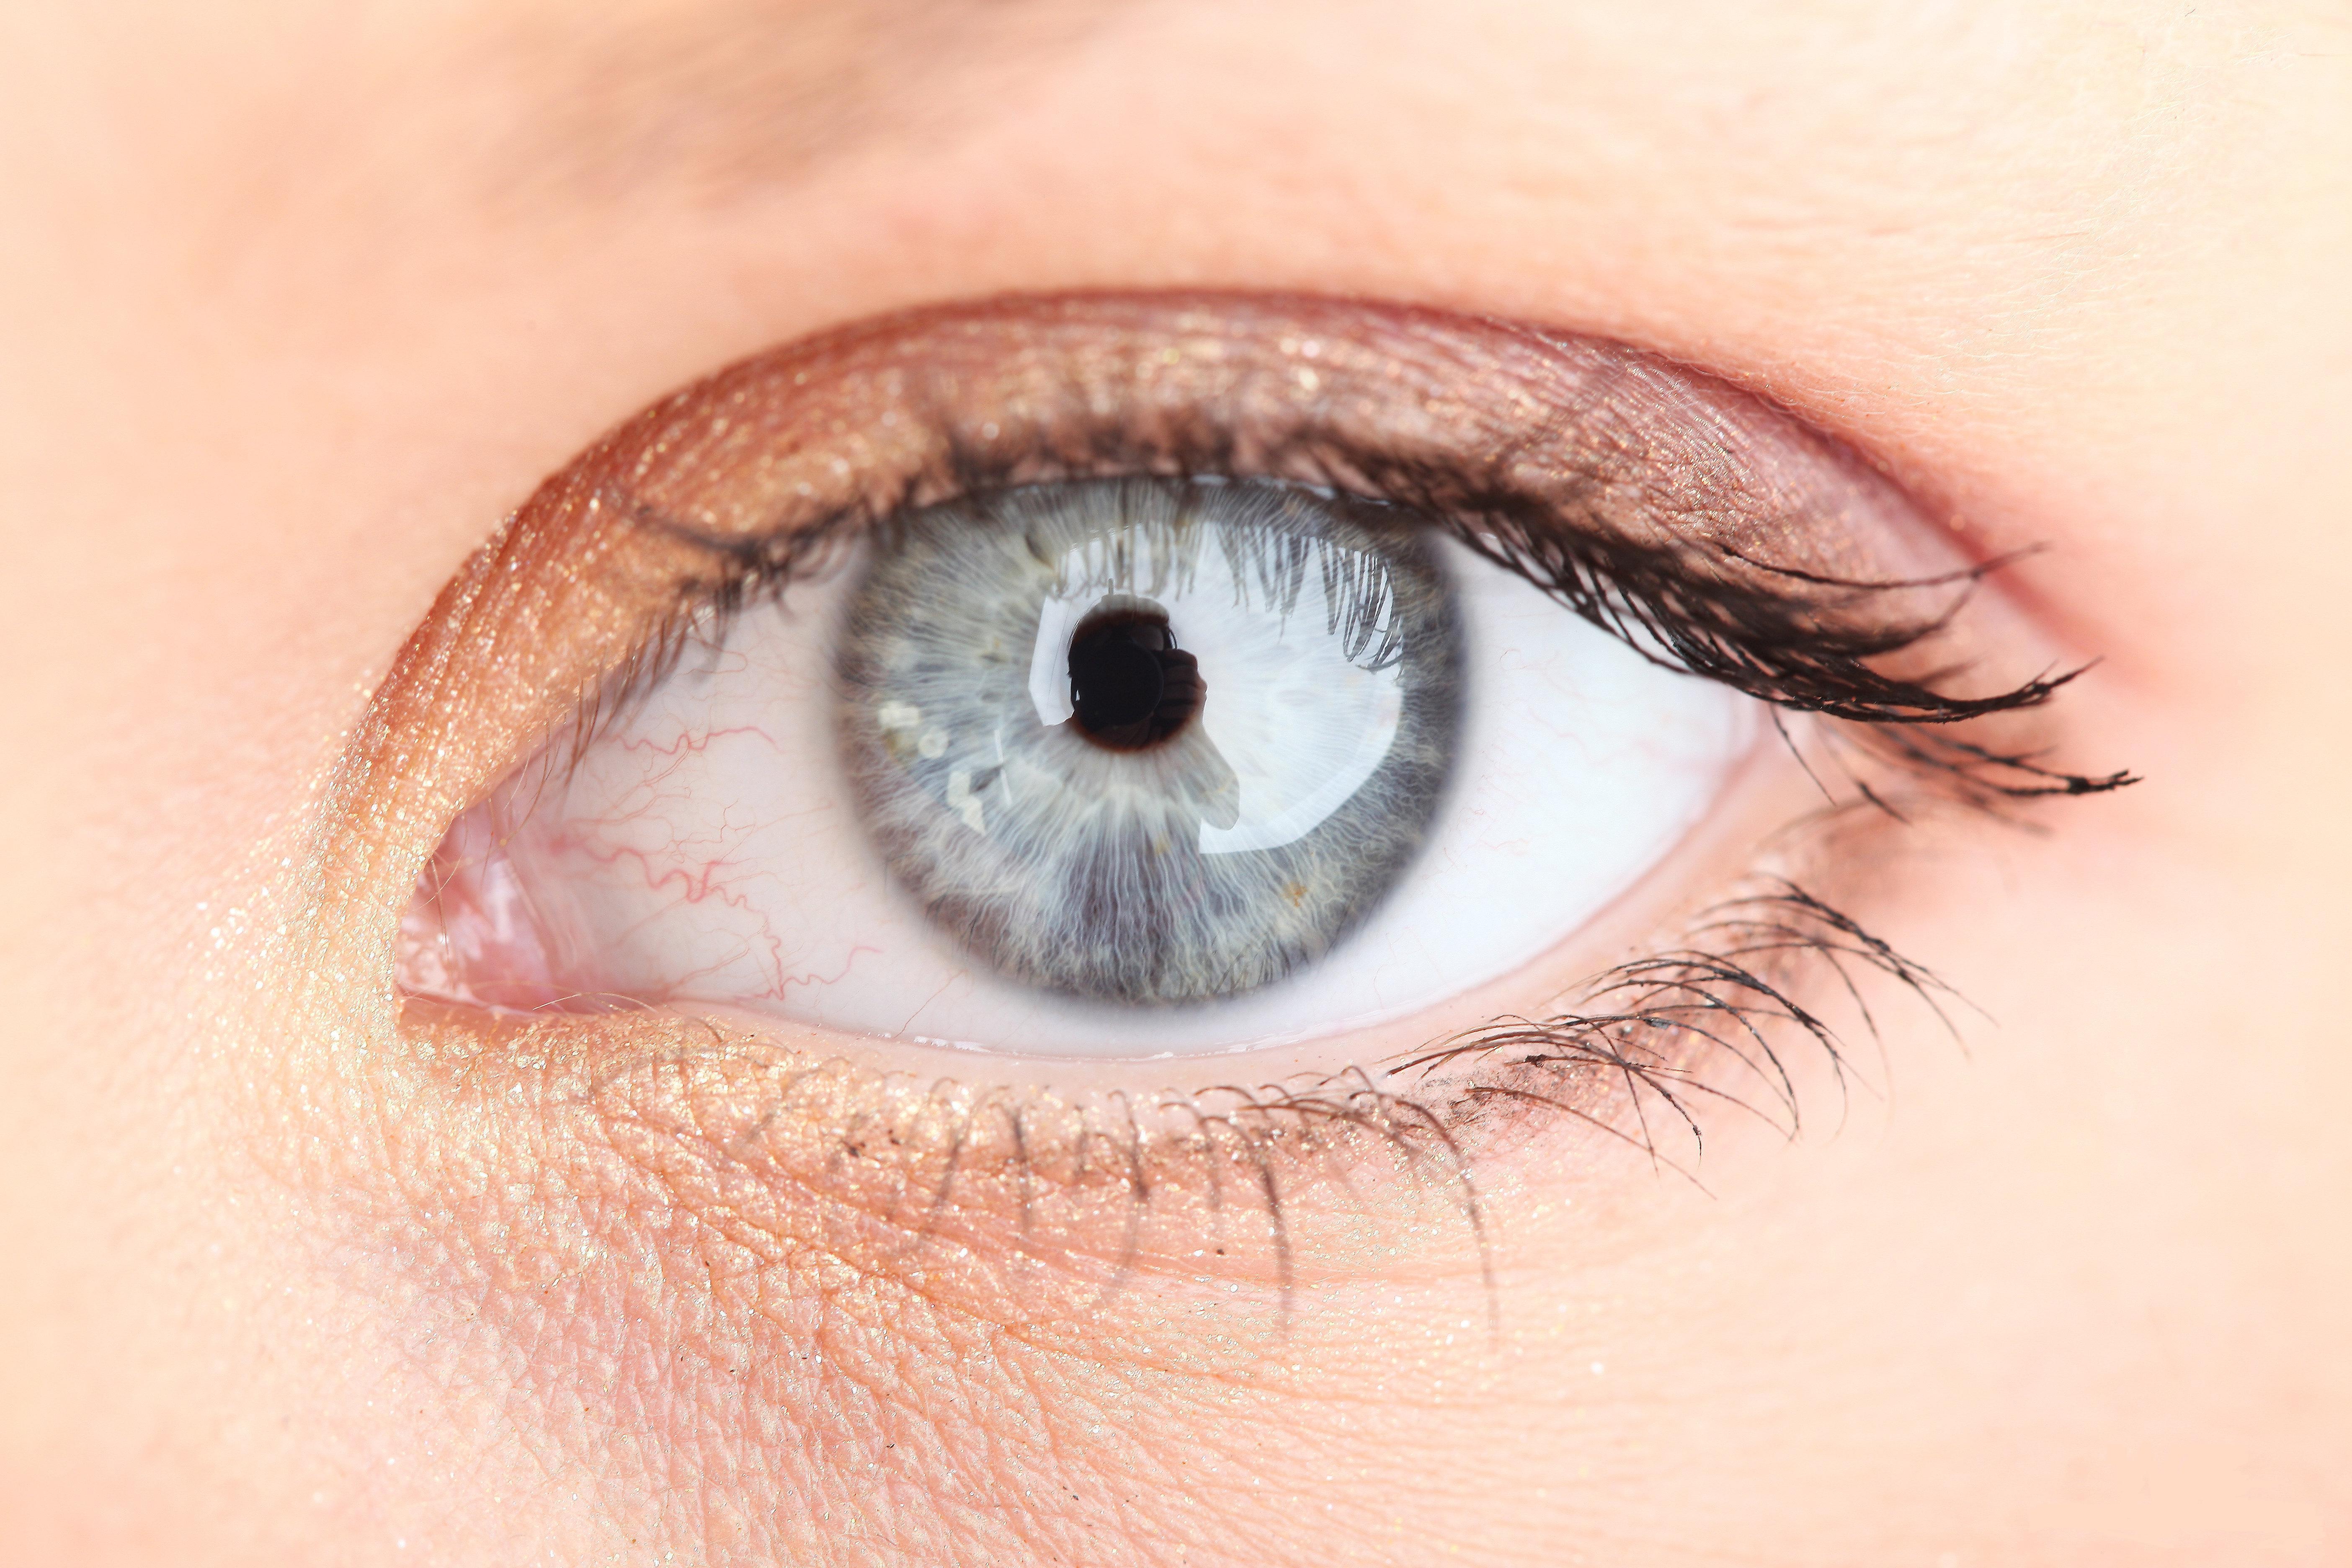 фотки как отбелить белок глаз на фотографии немного